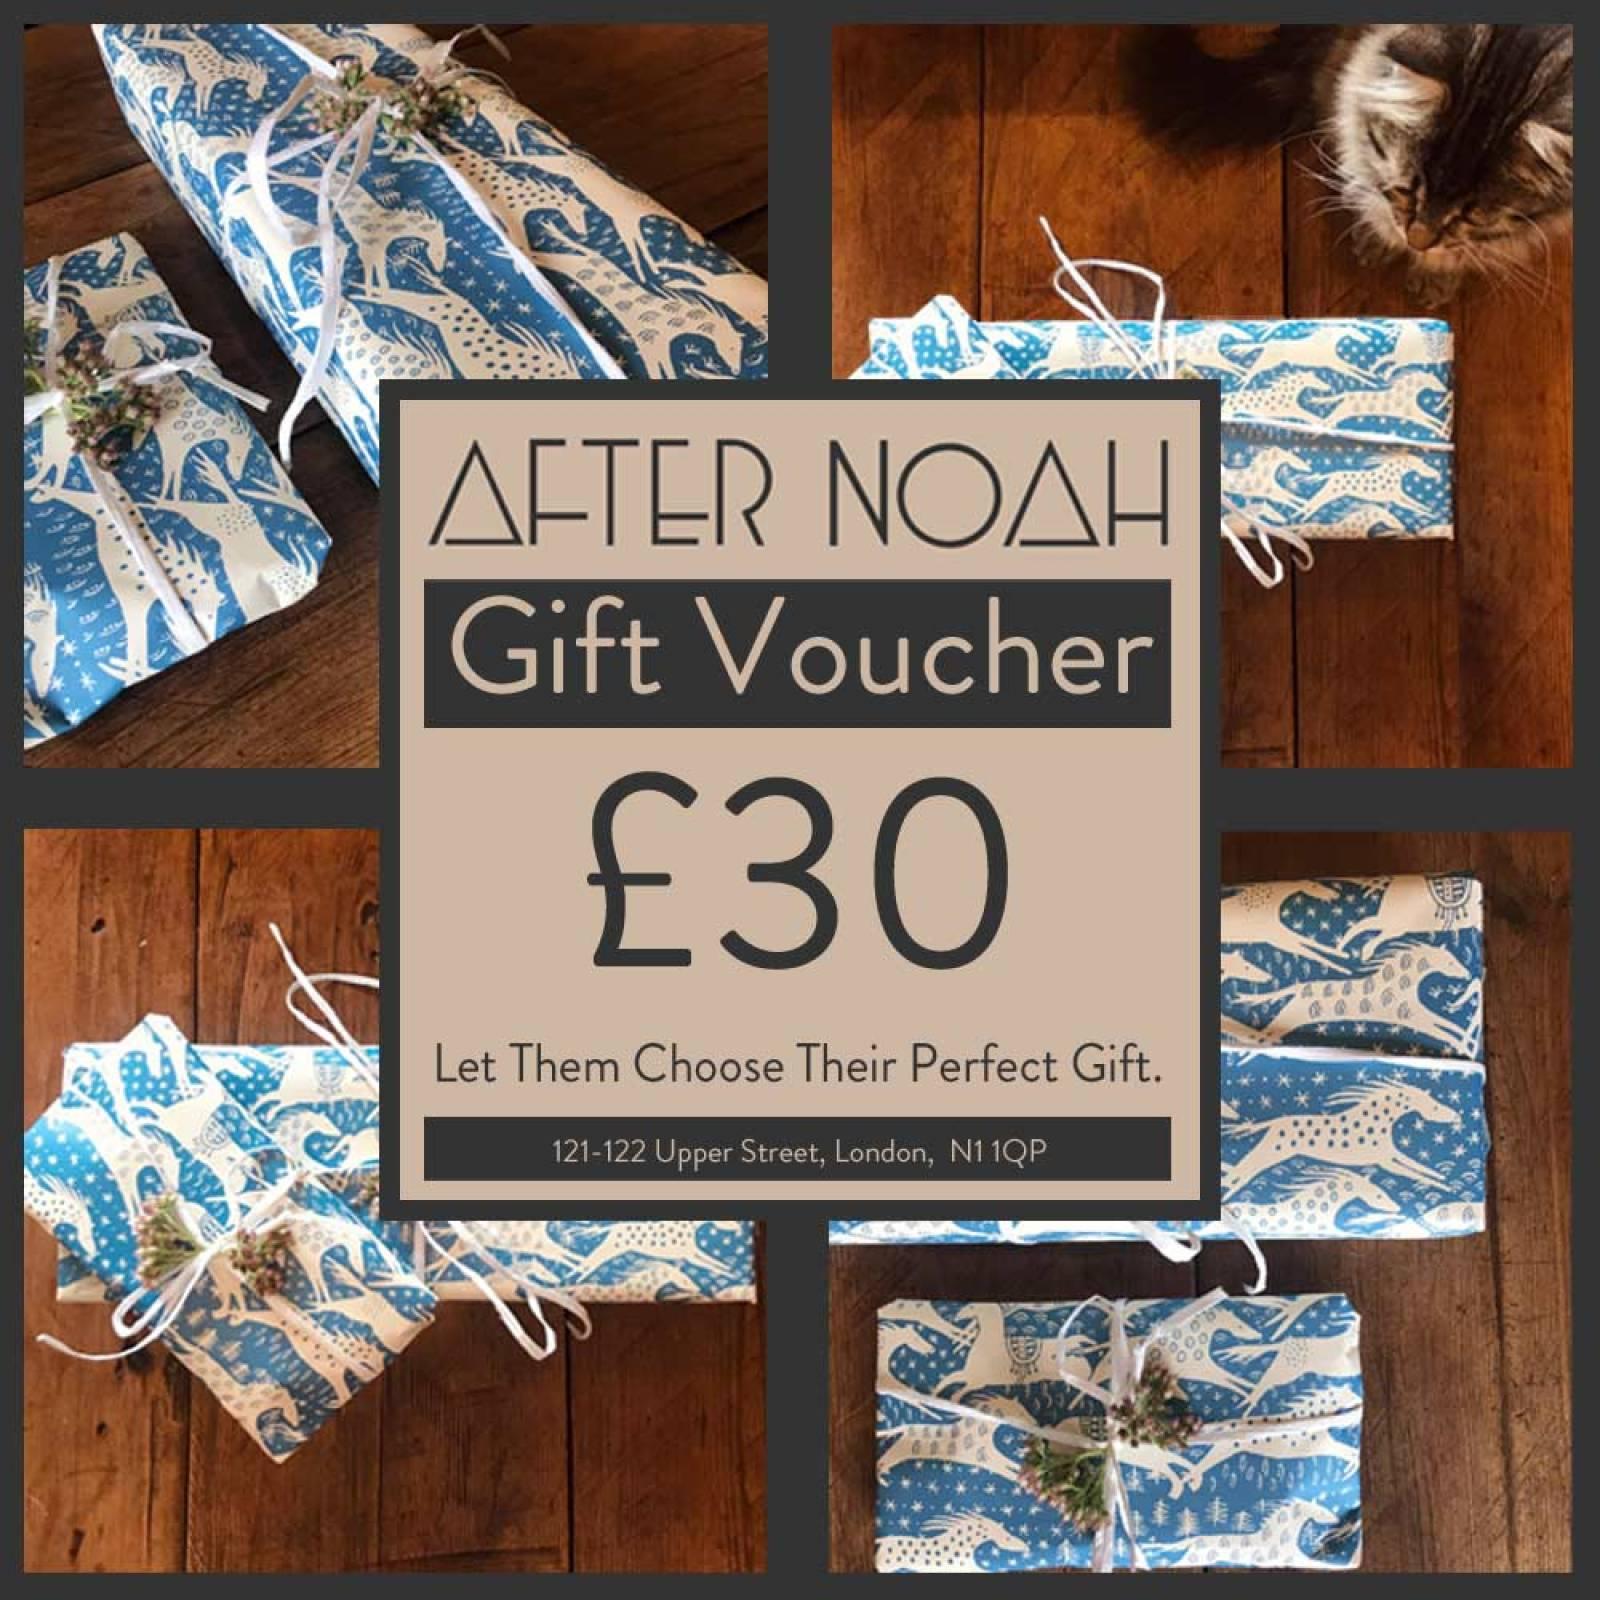 After Noah £30 Gift Voucher